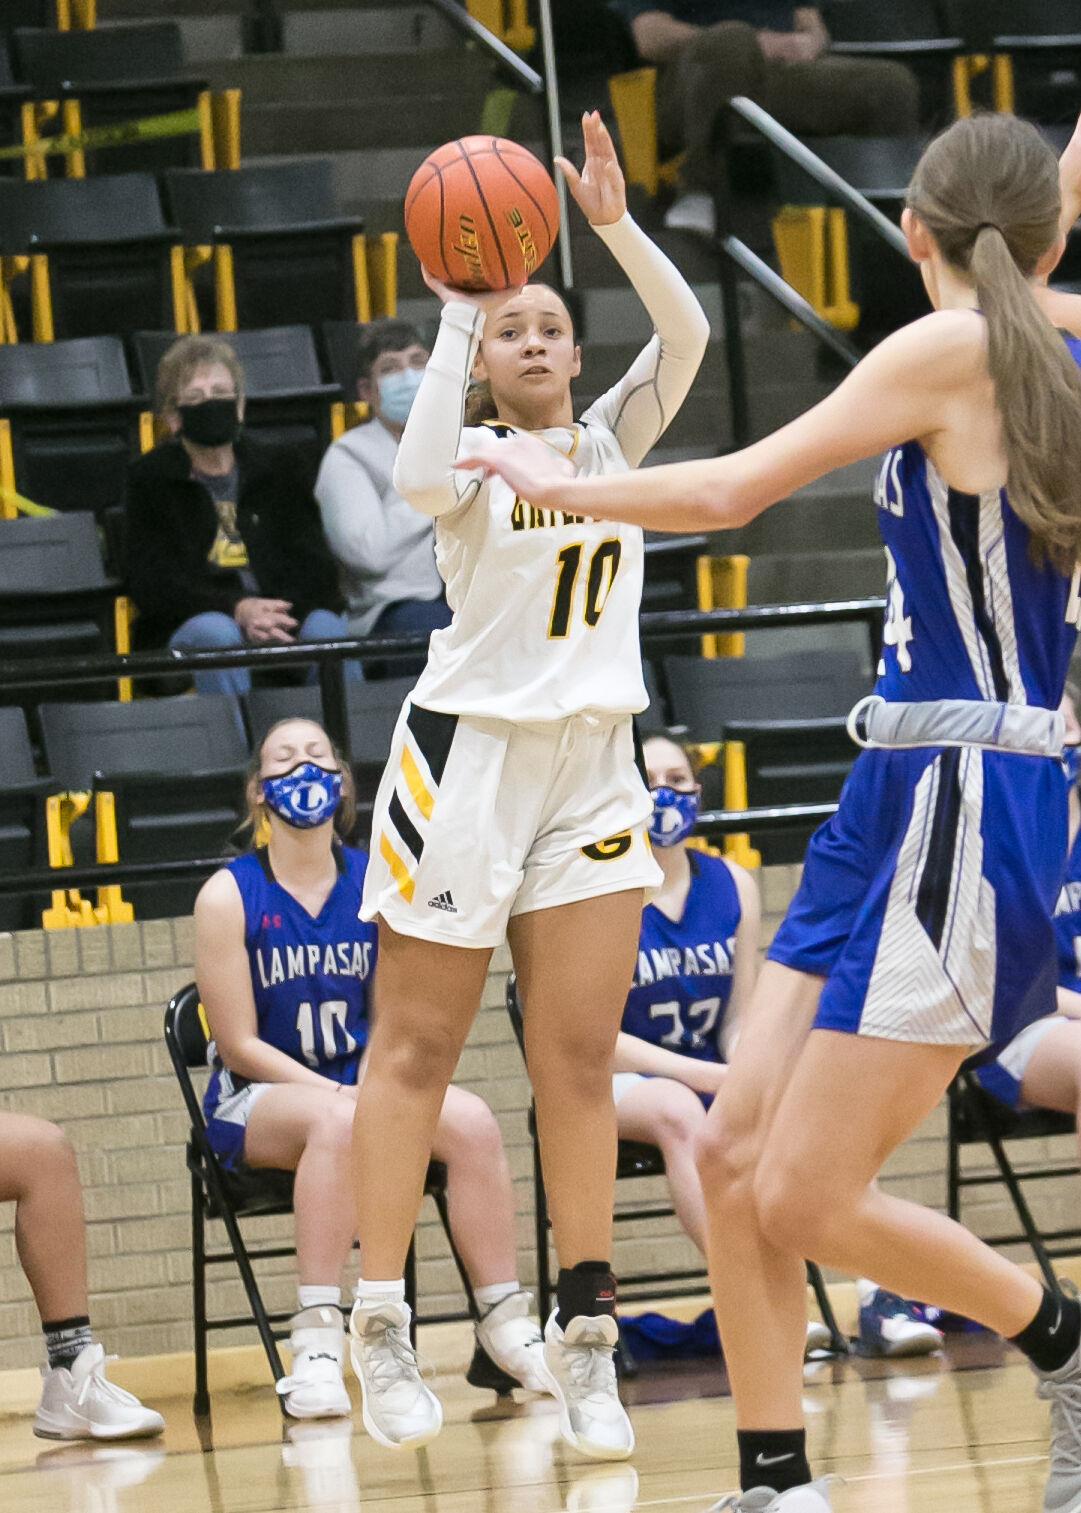 Lampasas at Gatesville Girls Basketball